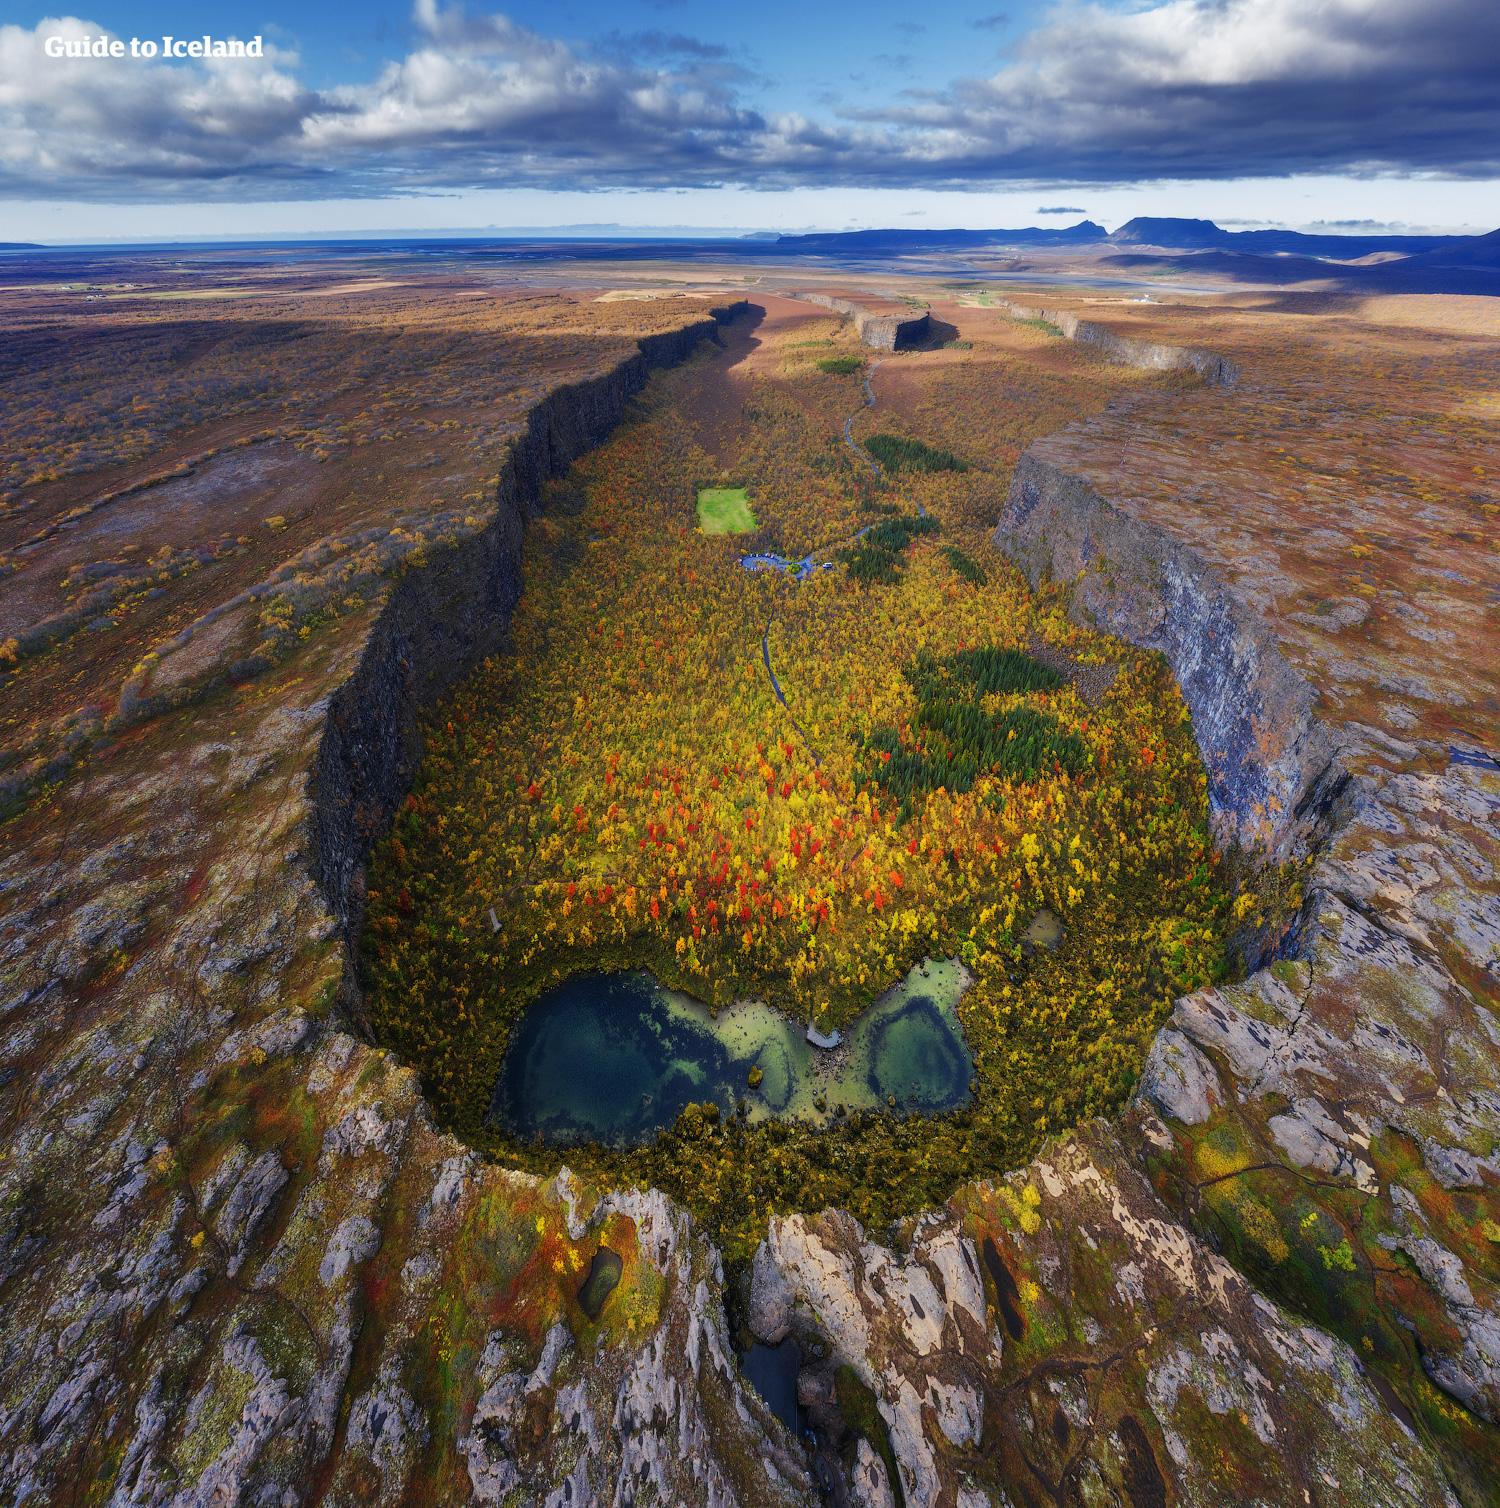 10 dni, samodzielna podróż | Dookoła Islandii zgodnie z ruchem wskazówek zegara - day 5